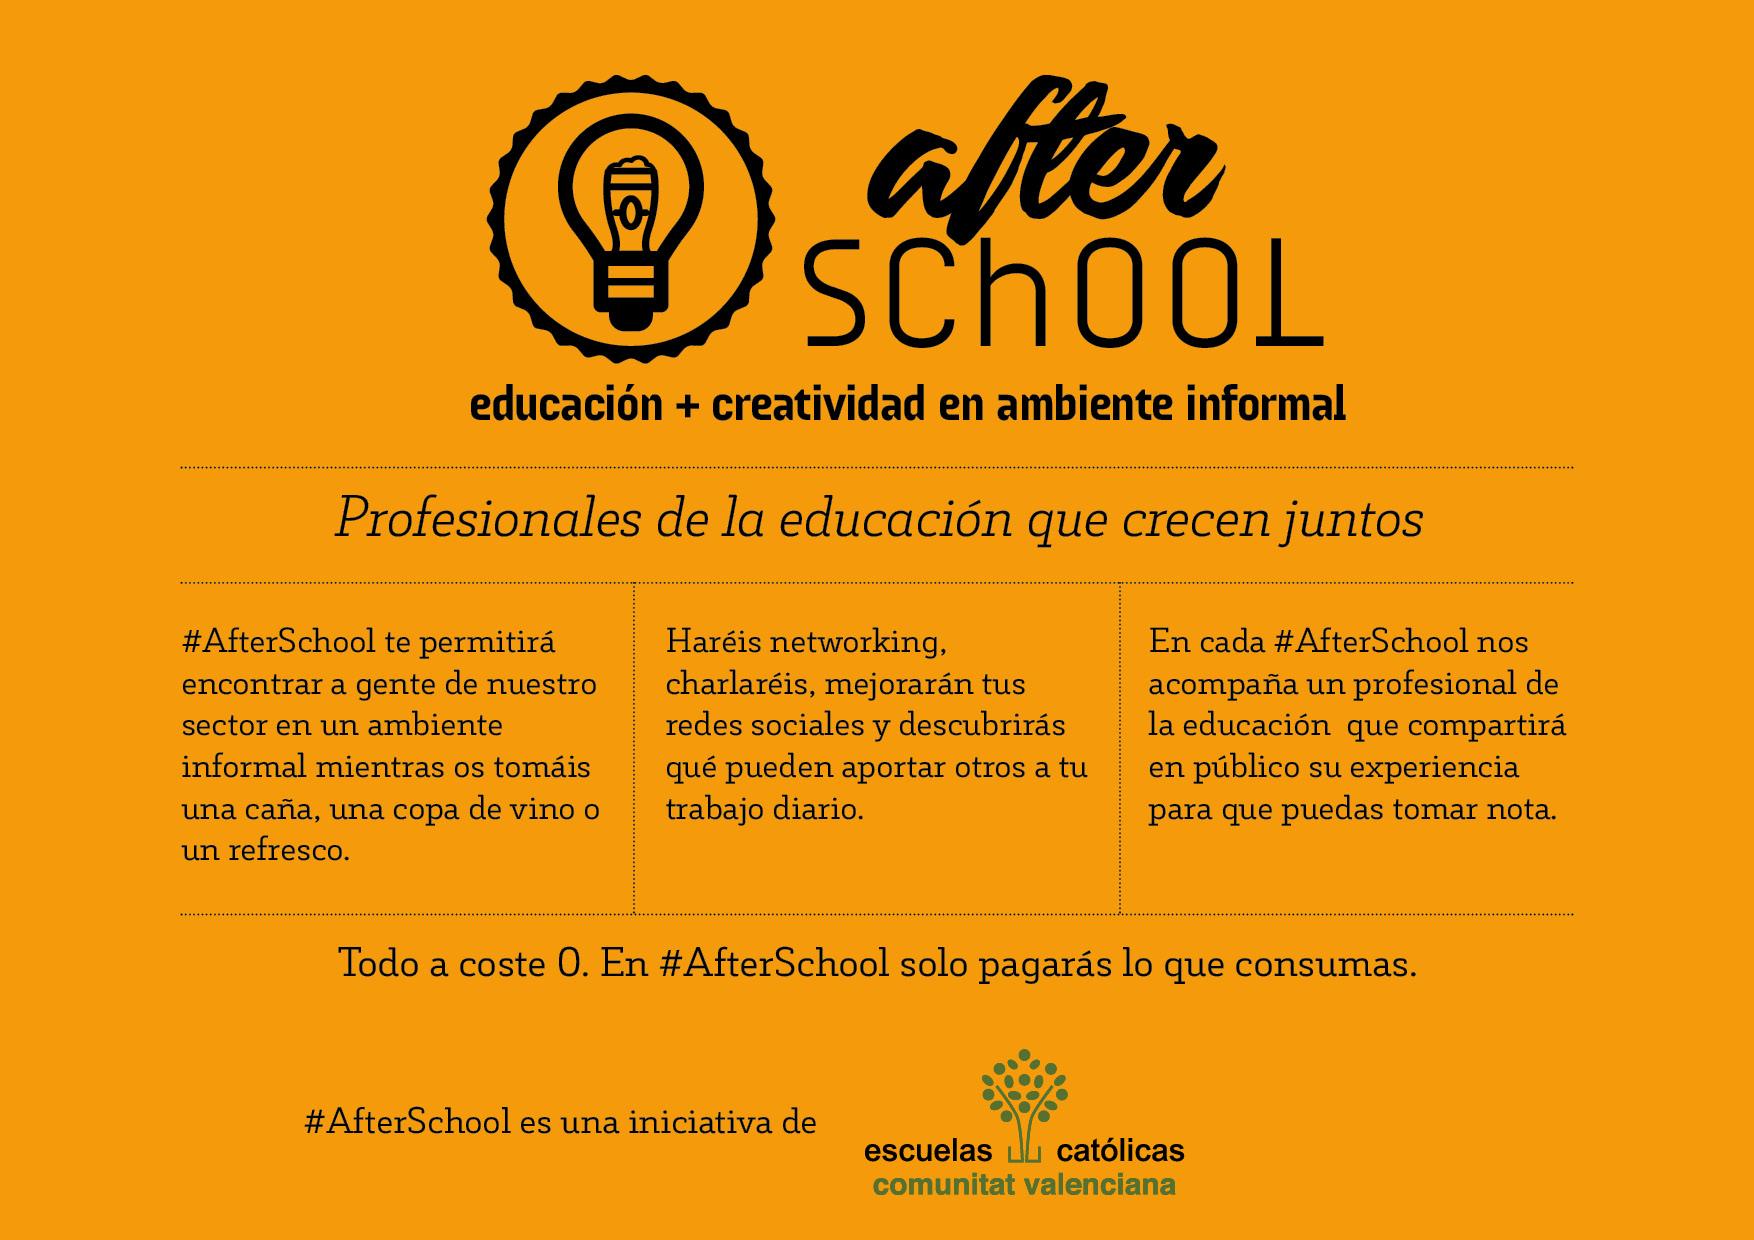 cartel afterschool explicacion